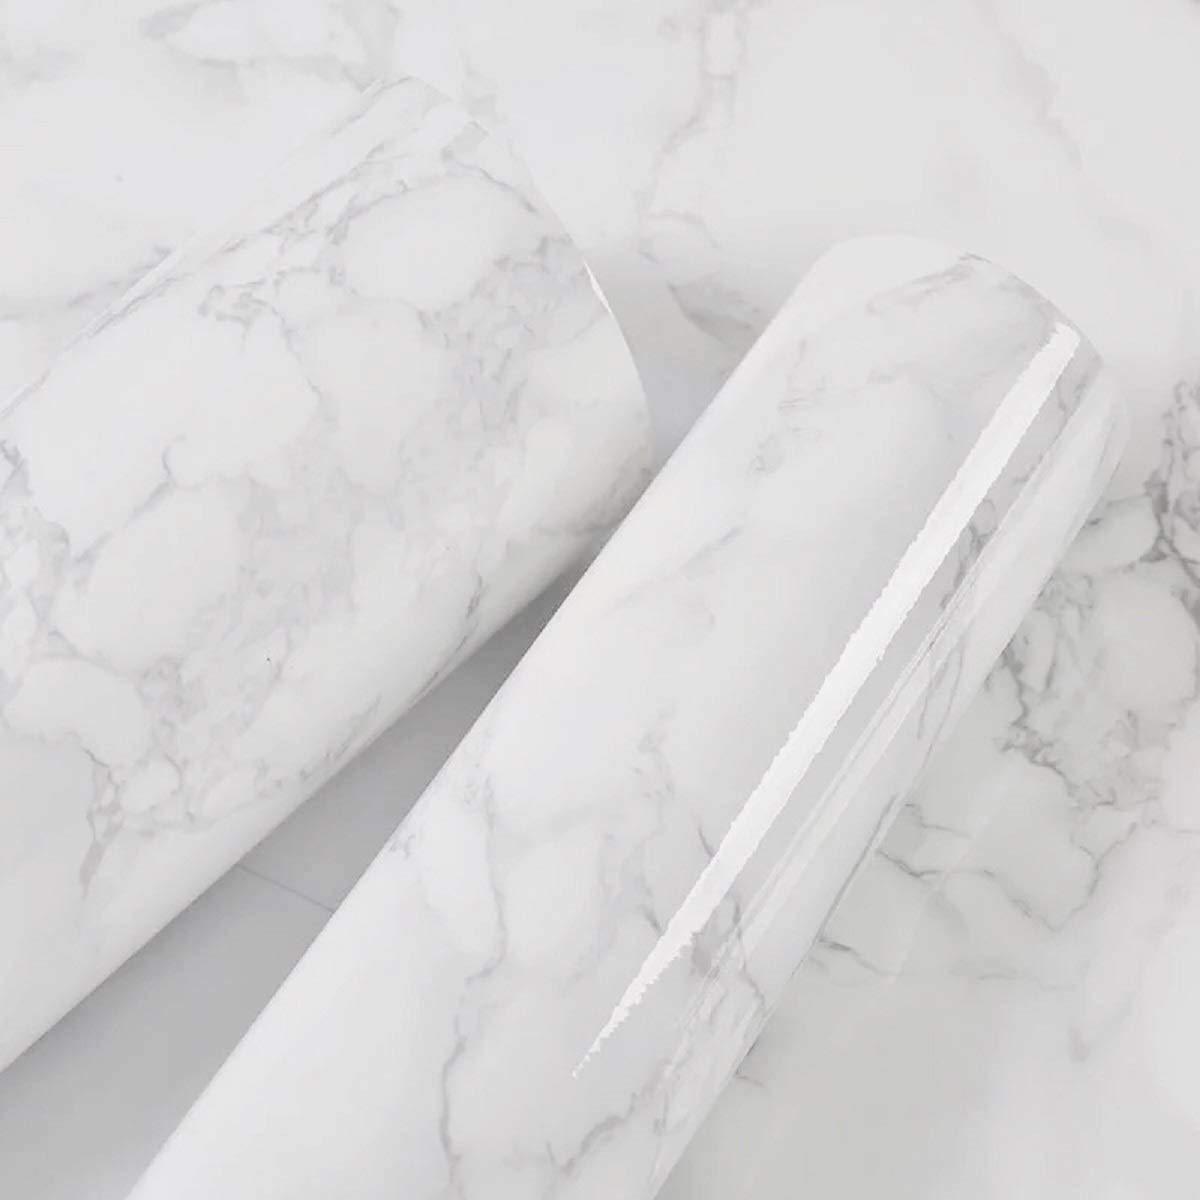 Papel de Contacto de m/ármol Gris Granito//Blanco de Vinilo de m/ármol Autoadhesivo Papel de Contacto Decorativo para encimeras gabinete Impermeable Estante Papel m/ármol Efecto 40 cm /× 1000 cm HOMD